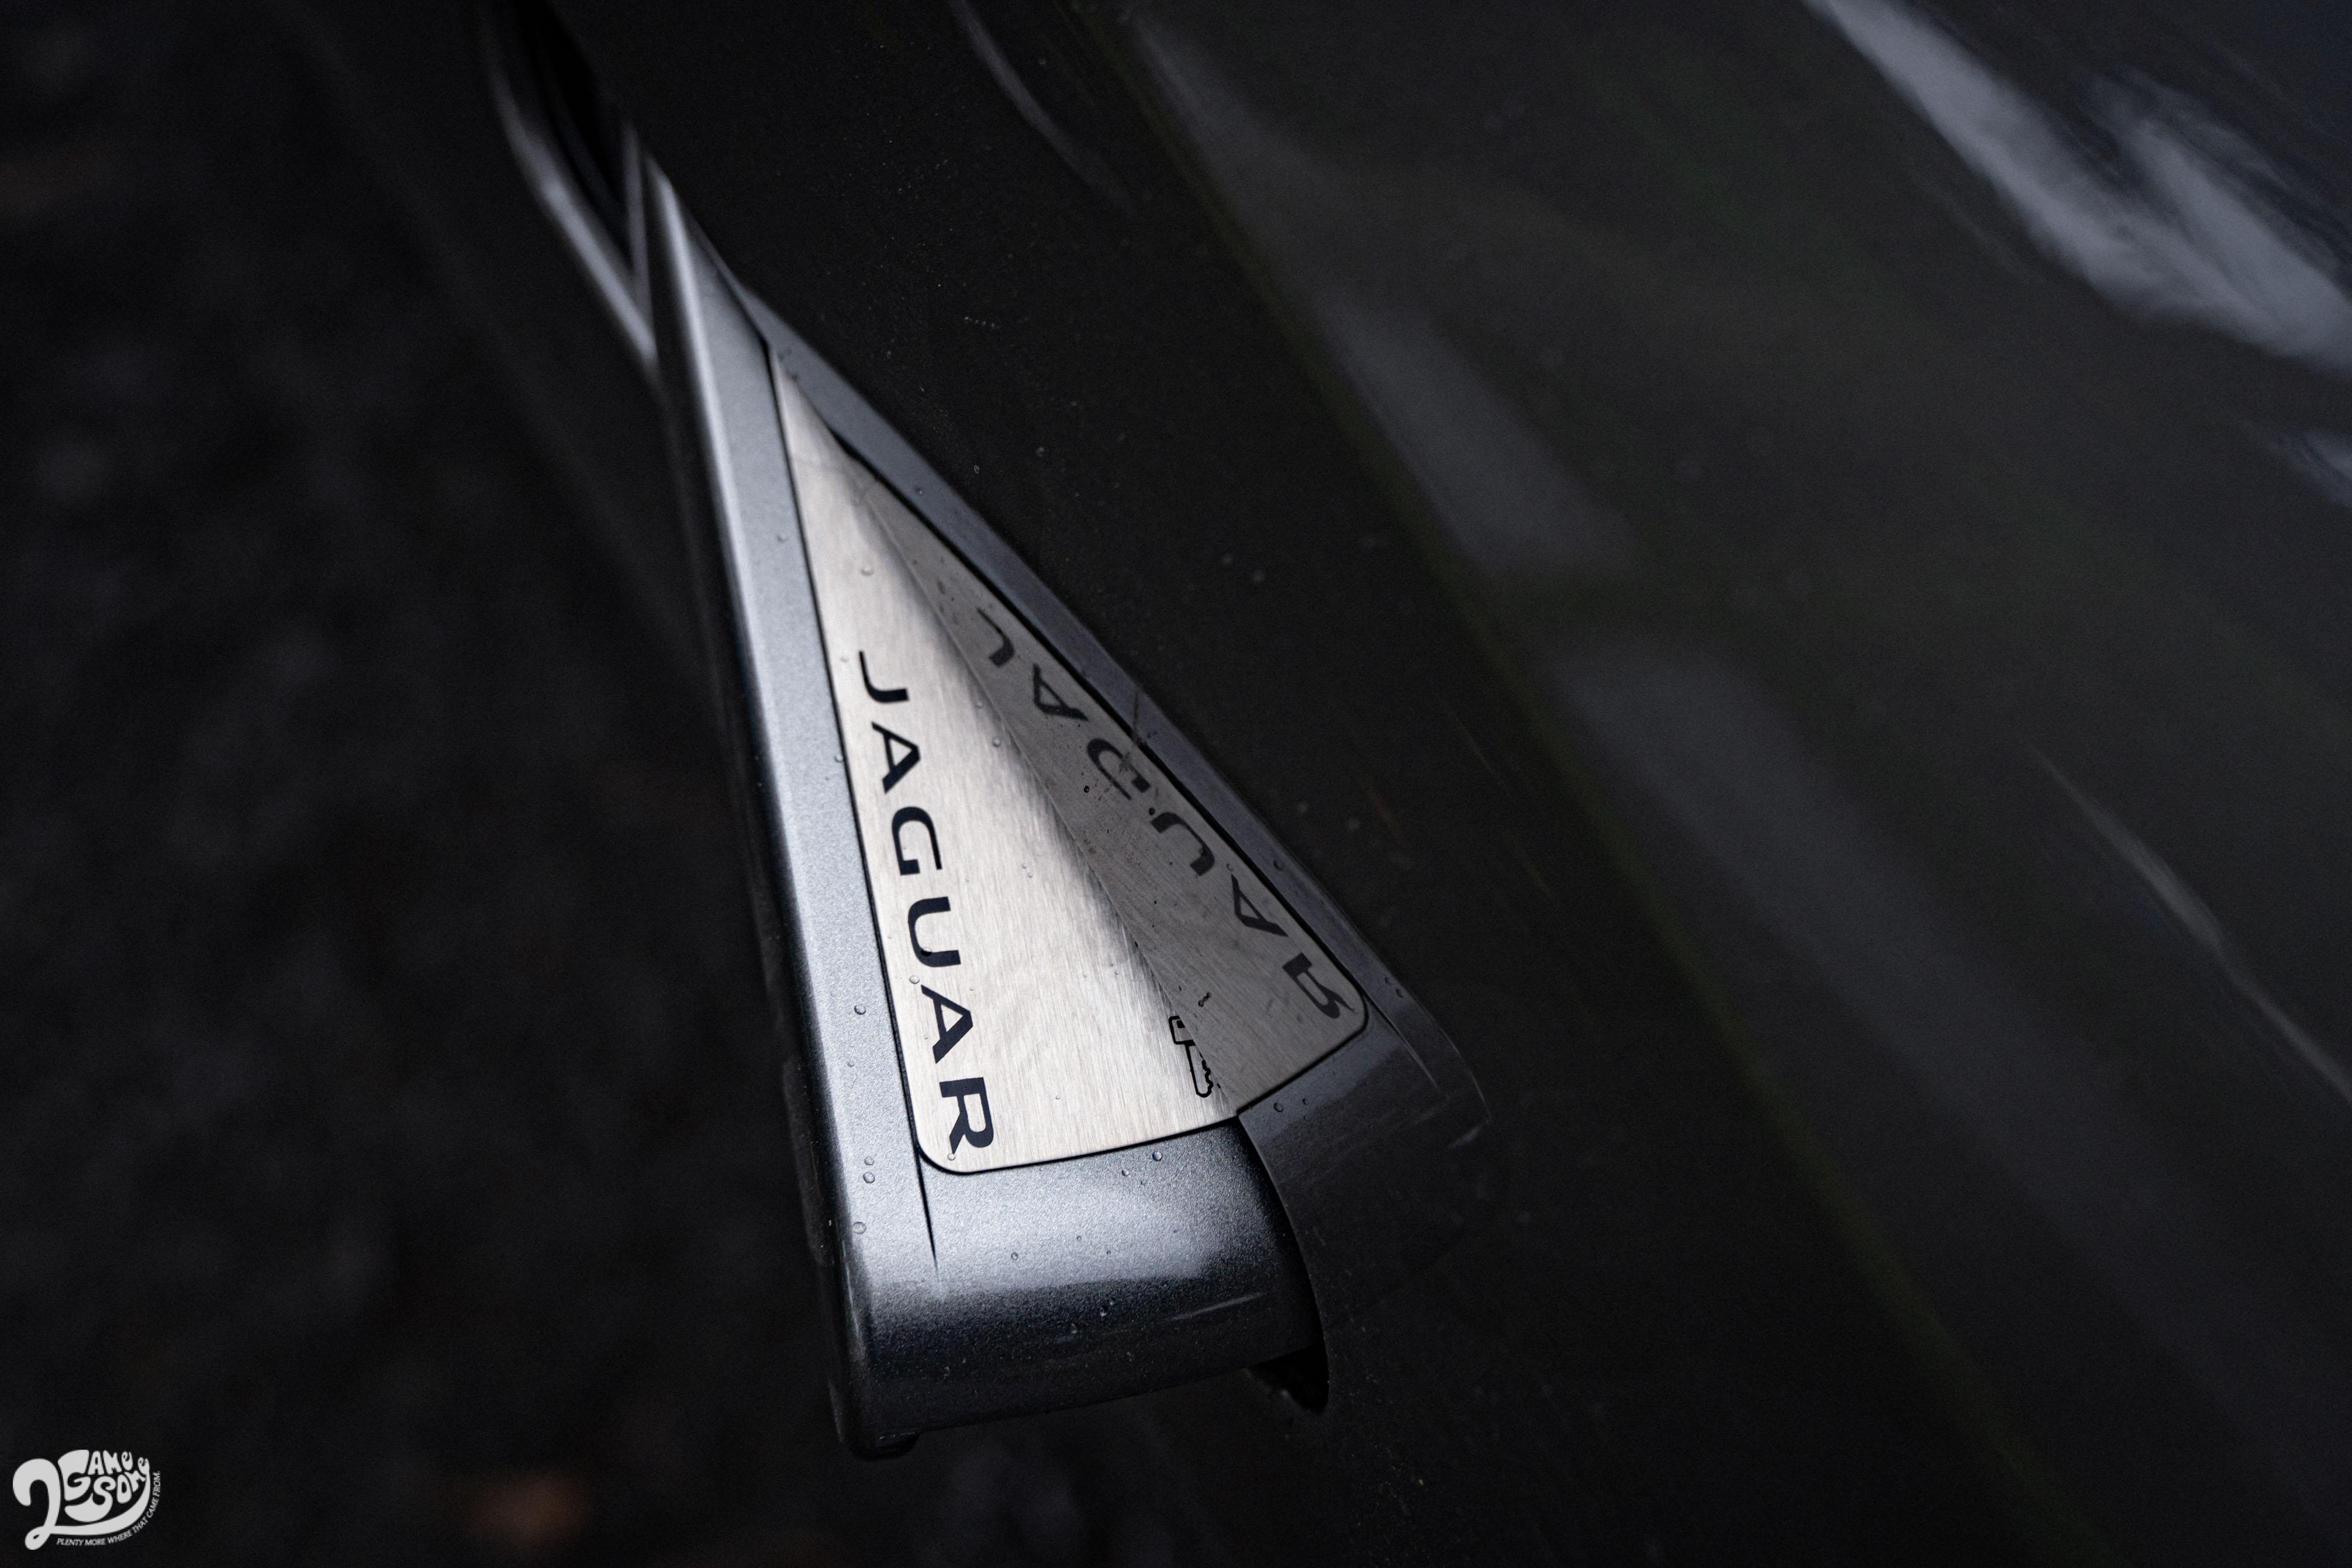 隱藏式的車門把手不僅增加車側的線條流暢性,也於開啟時多了些驚喜。